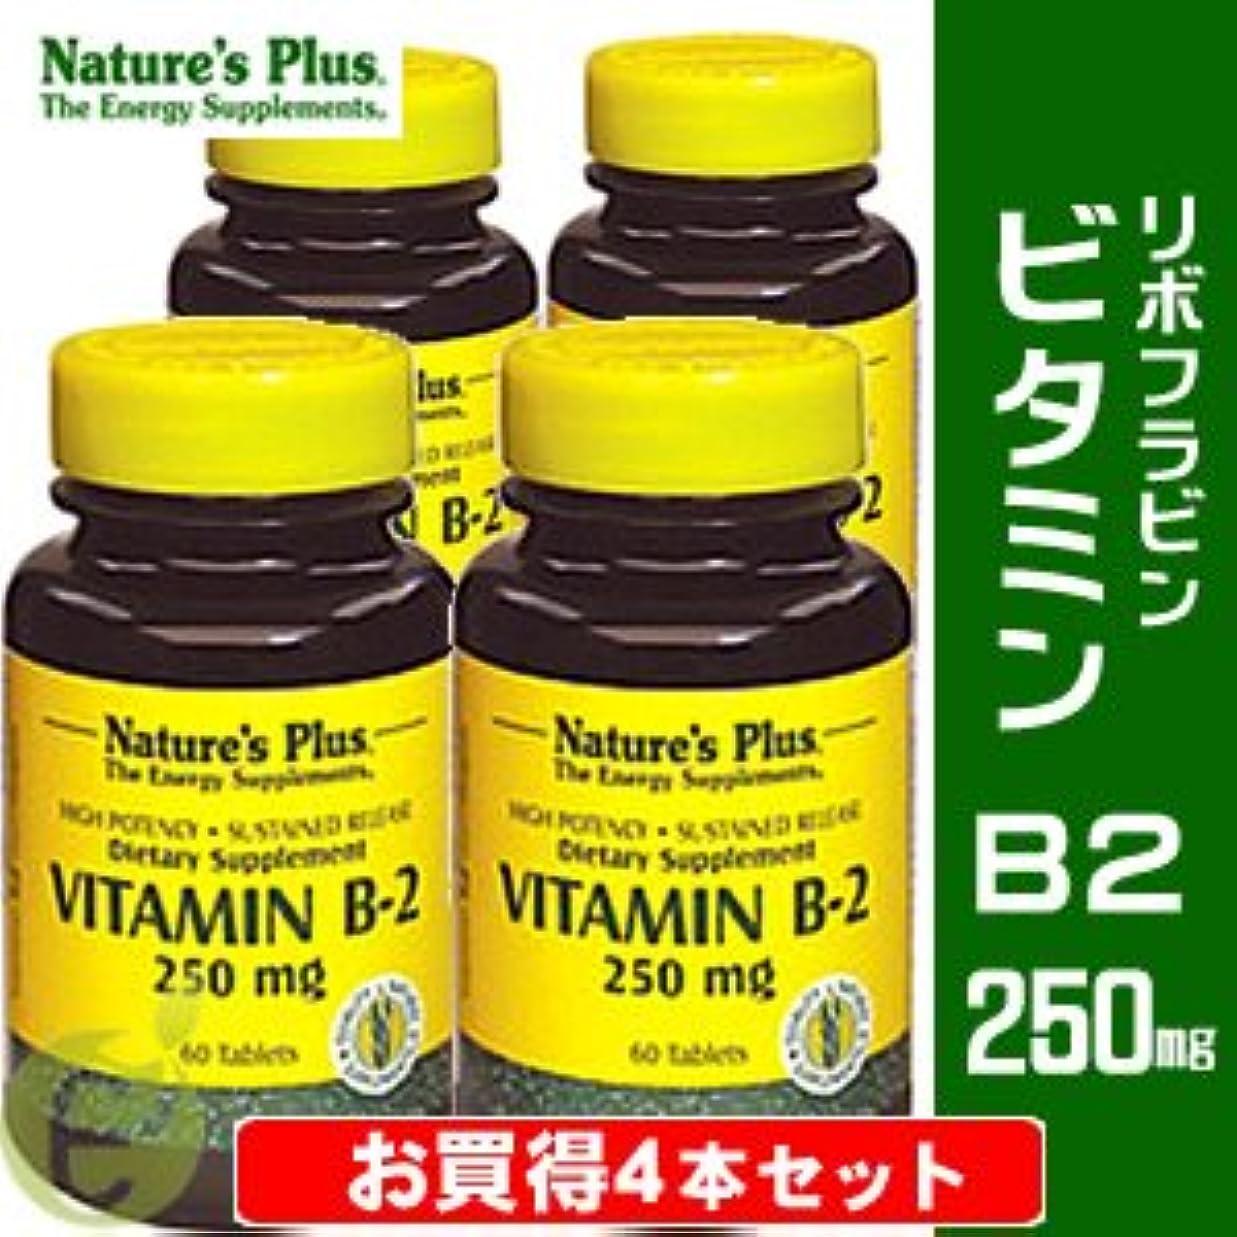 ほぼ比較的海外ビタミンB2 250mg (リボフラビン) 【お買得4本セット】